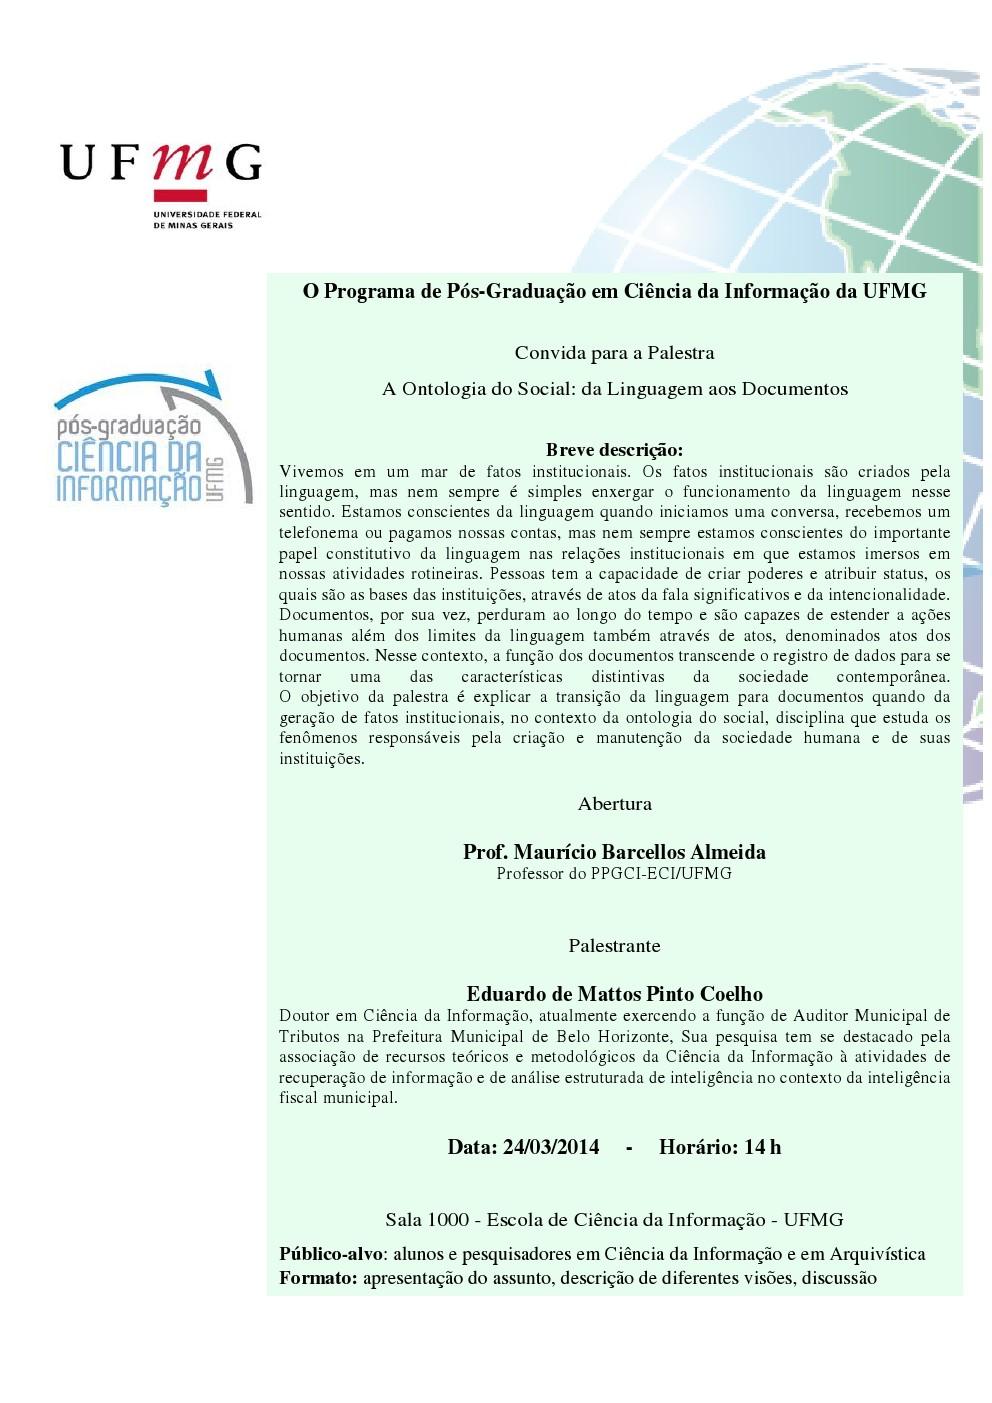 A Ontologia do Social da Linguagem aos Documentos